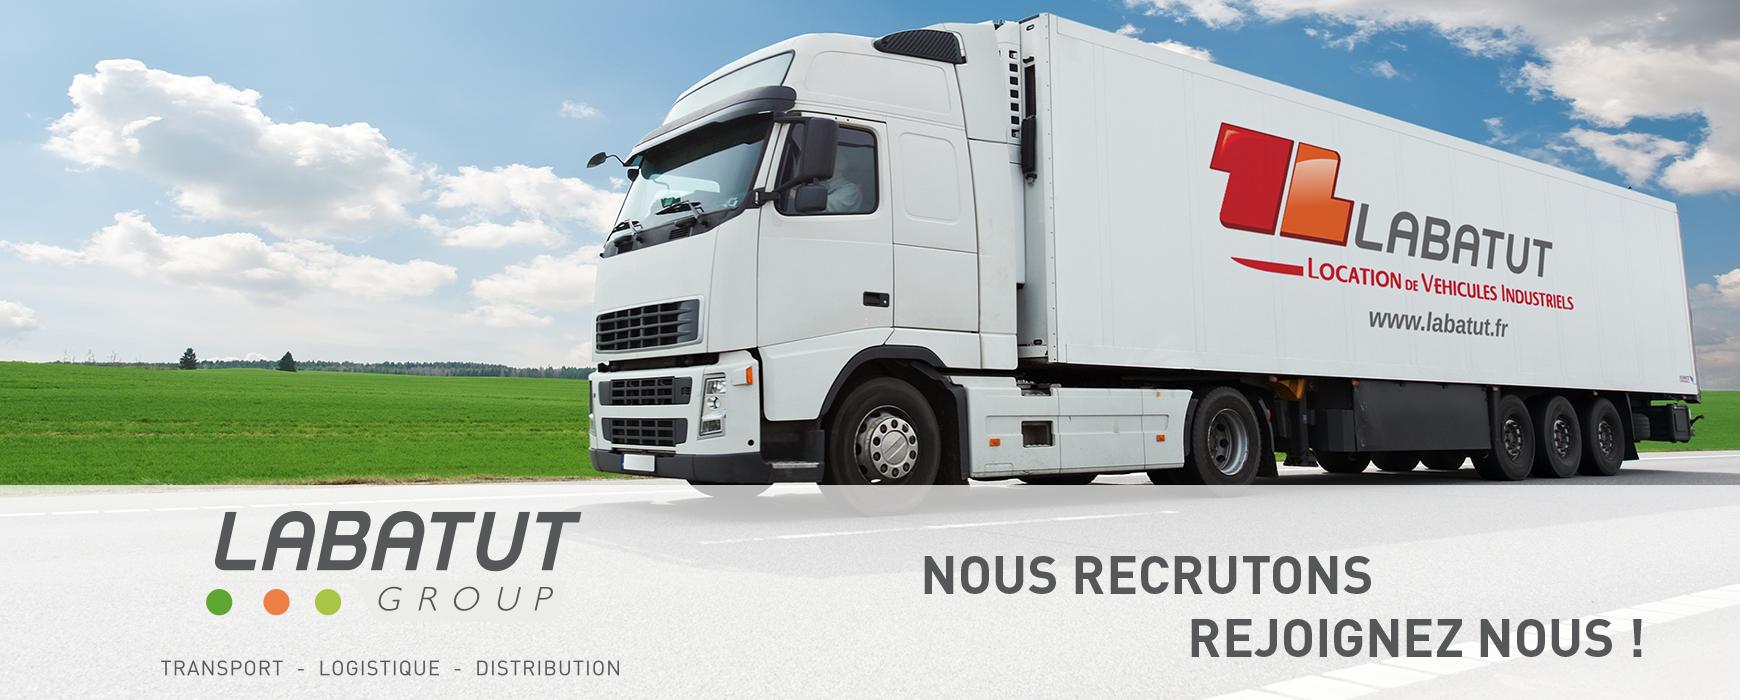 Offre d'emploi : Responsable développement – Toulouse (31) ou Pantin (93)